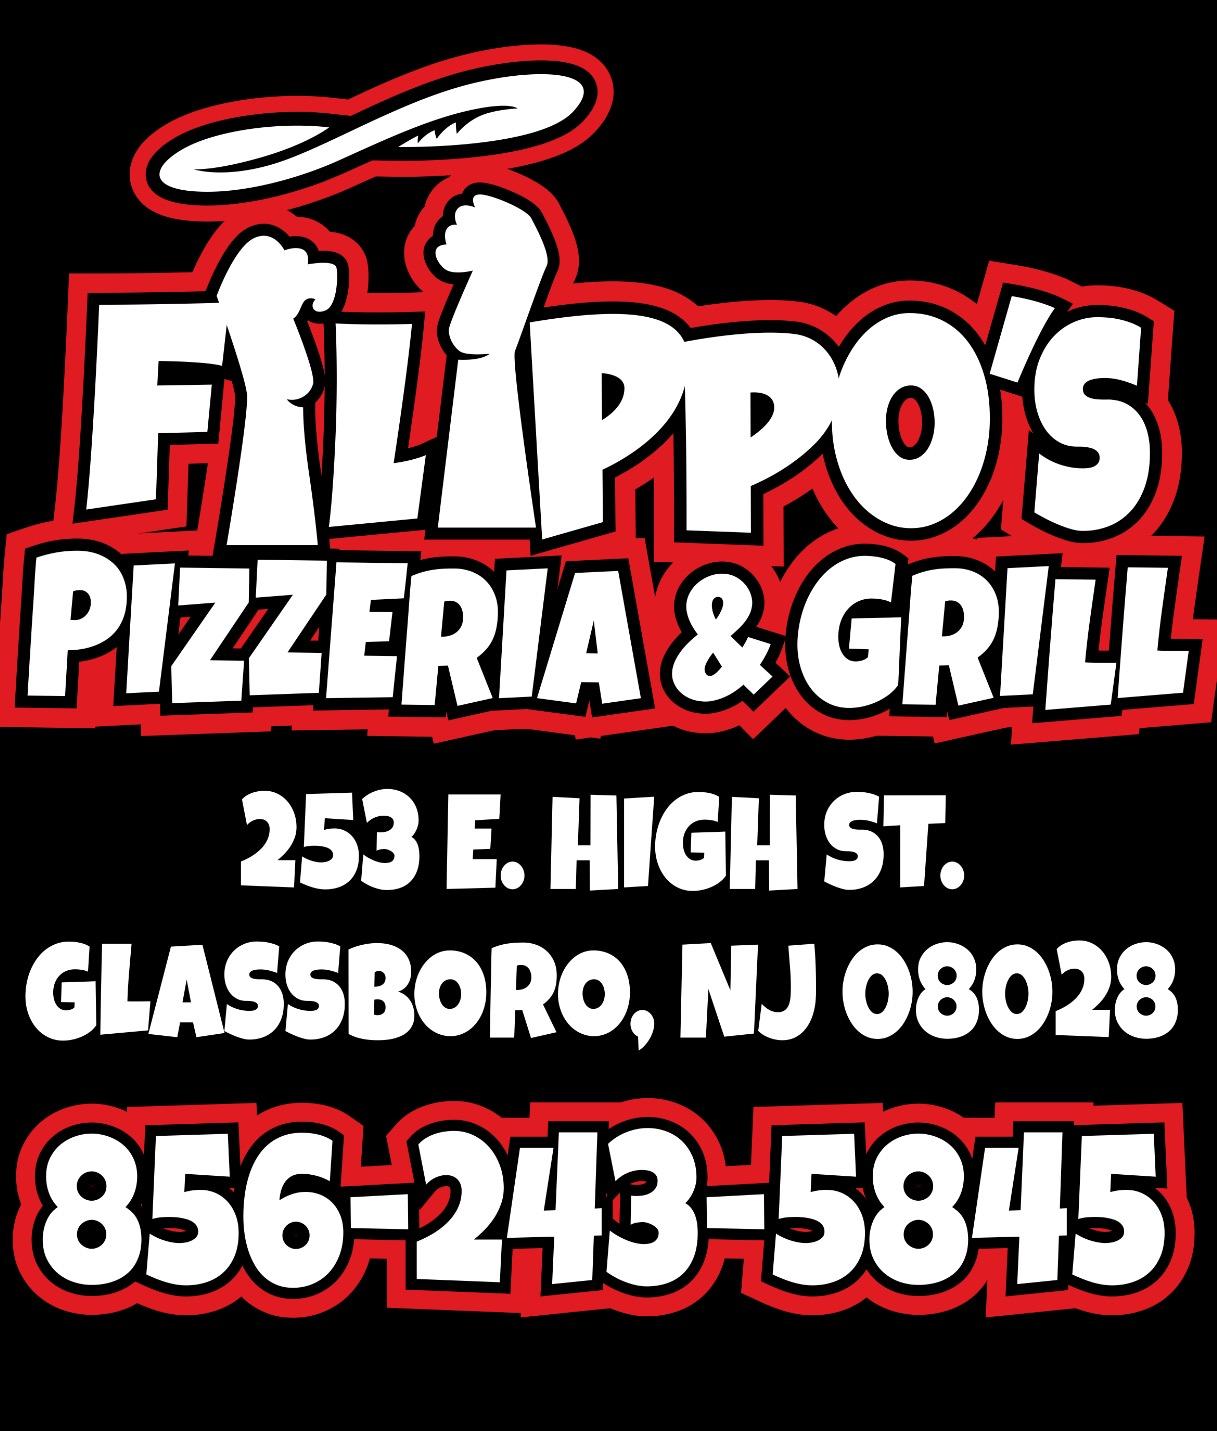 FILLIPO'S PIZZA & GRILL